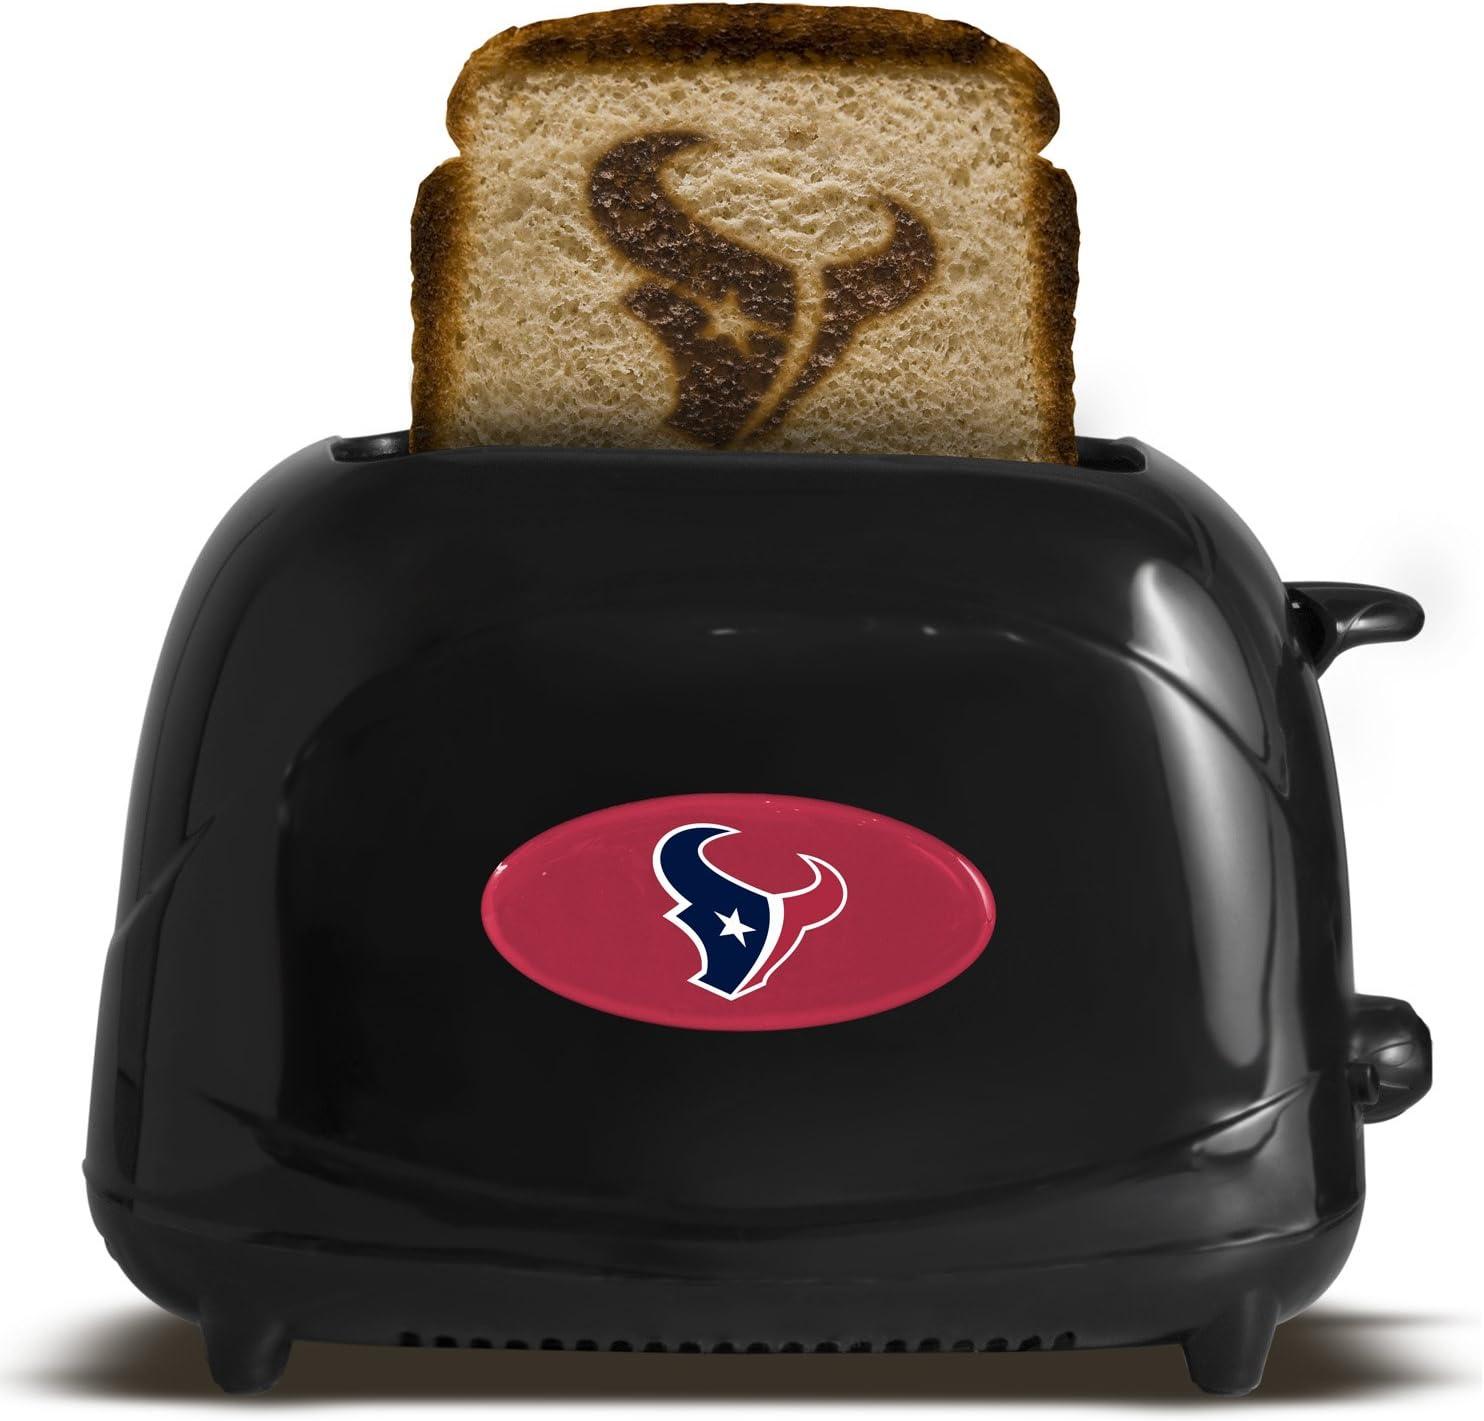 NFL Houston Texans Pro Toaster Elite